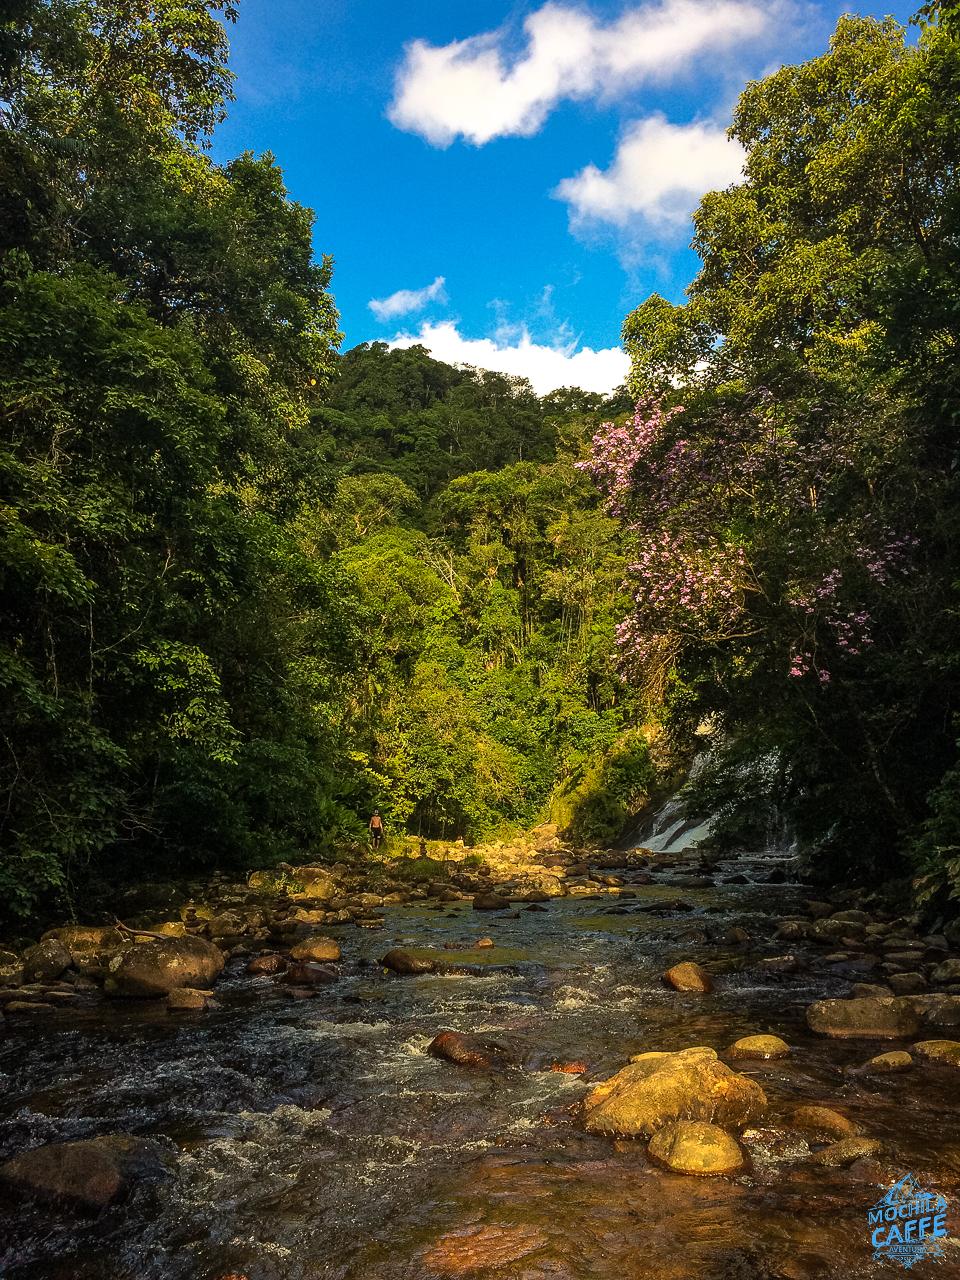 cachoeira do pilao 2016 mochilacaffe-4